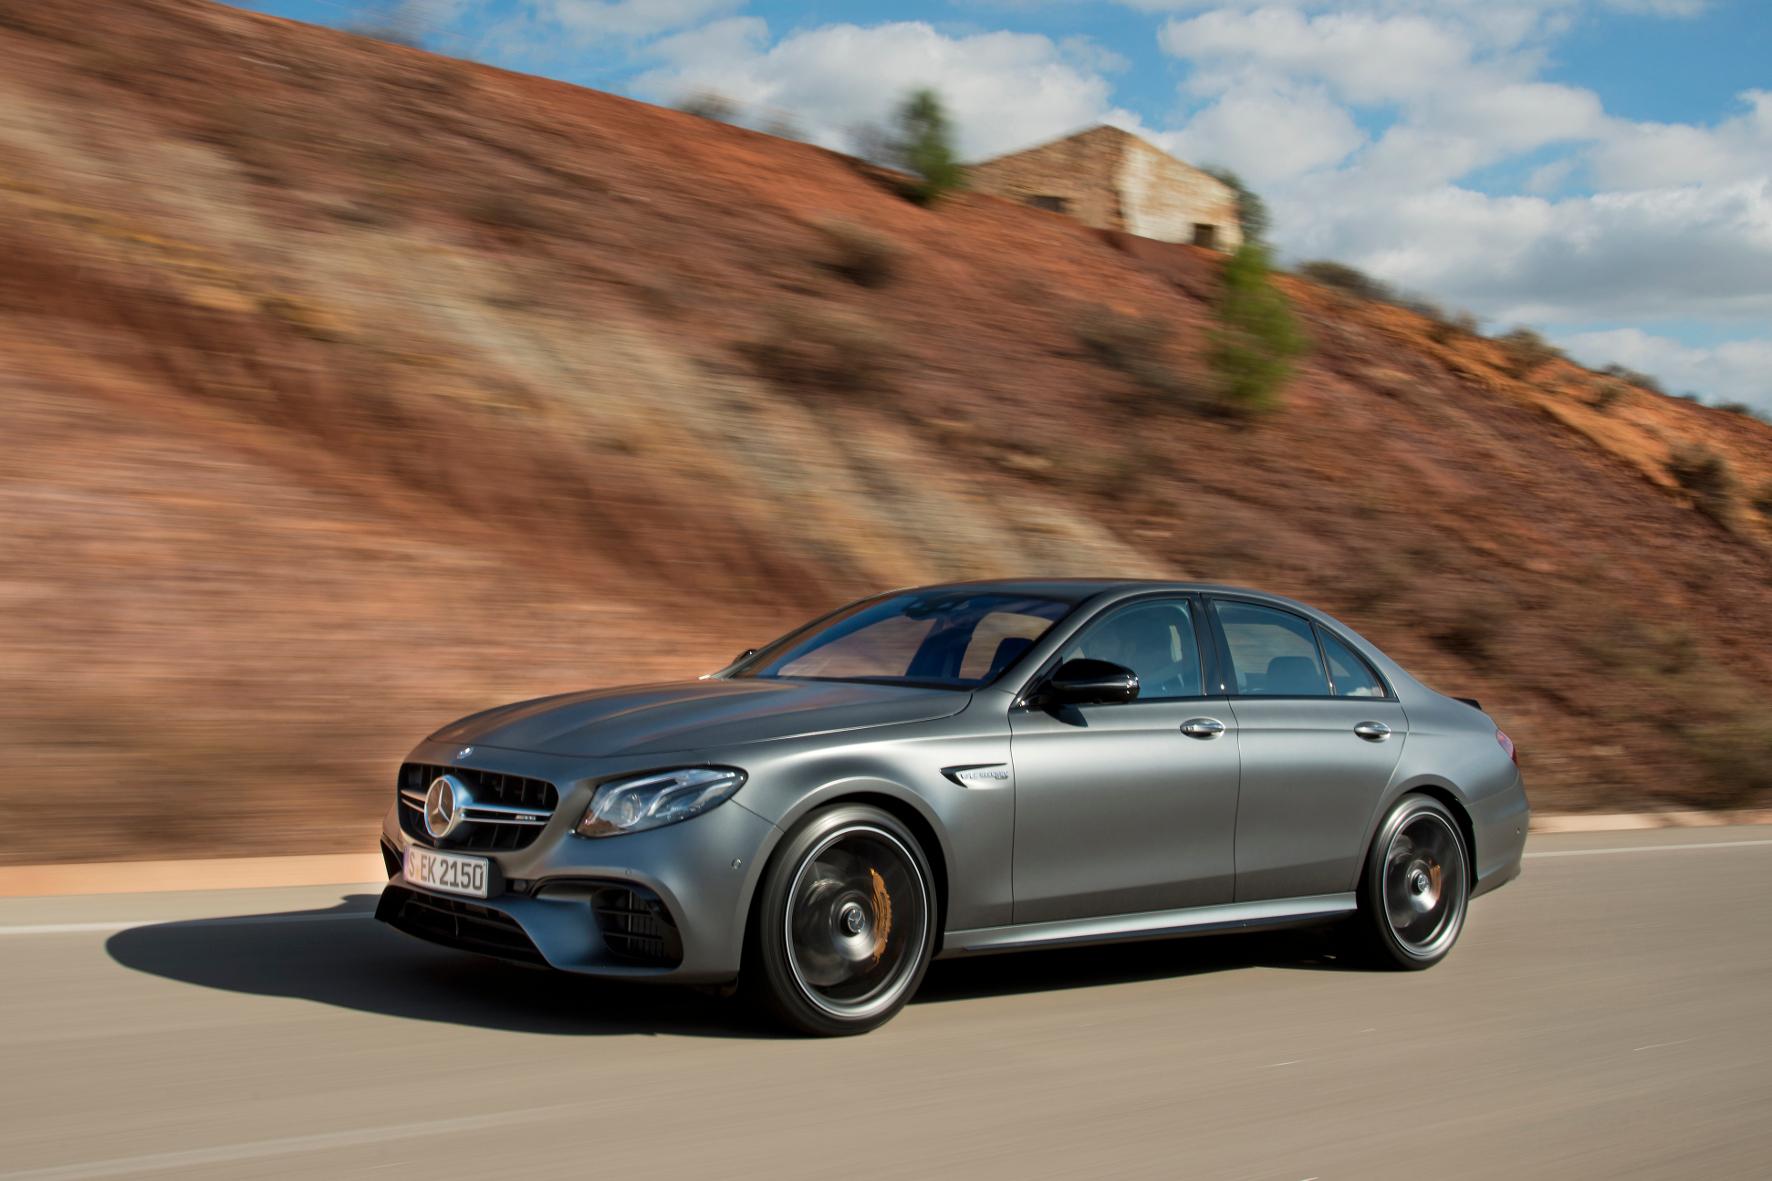 mid Faro - Das neue Oberhaupt der E-Klasse-Familie von Mercedes-Benz: der AMG E63 S.